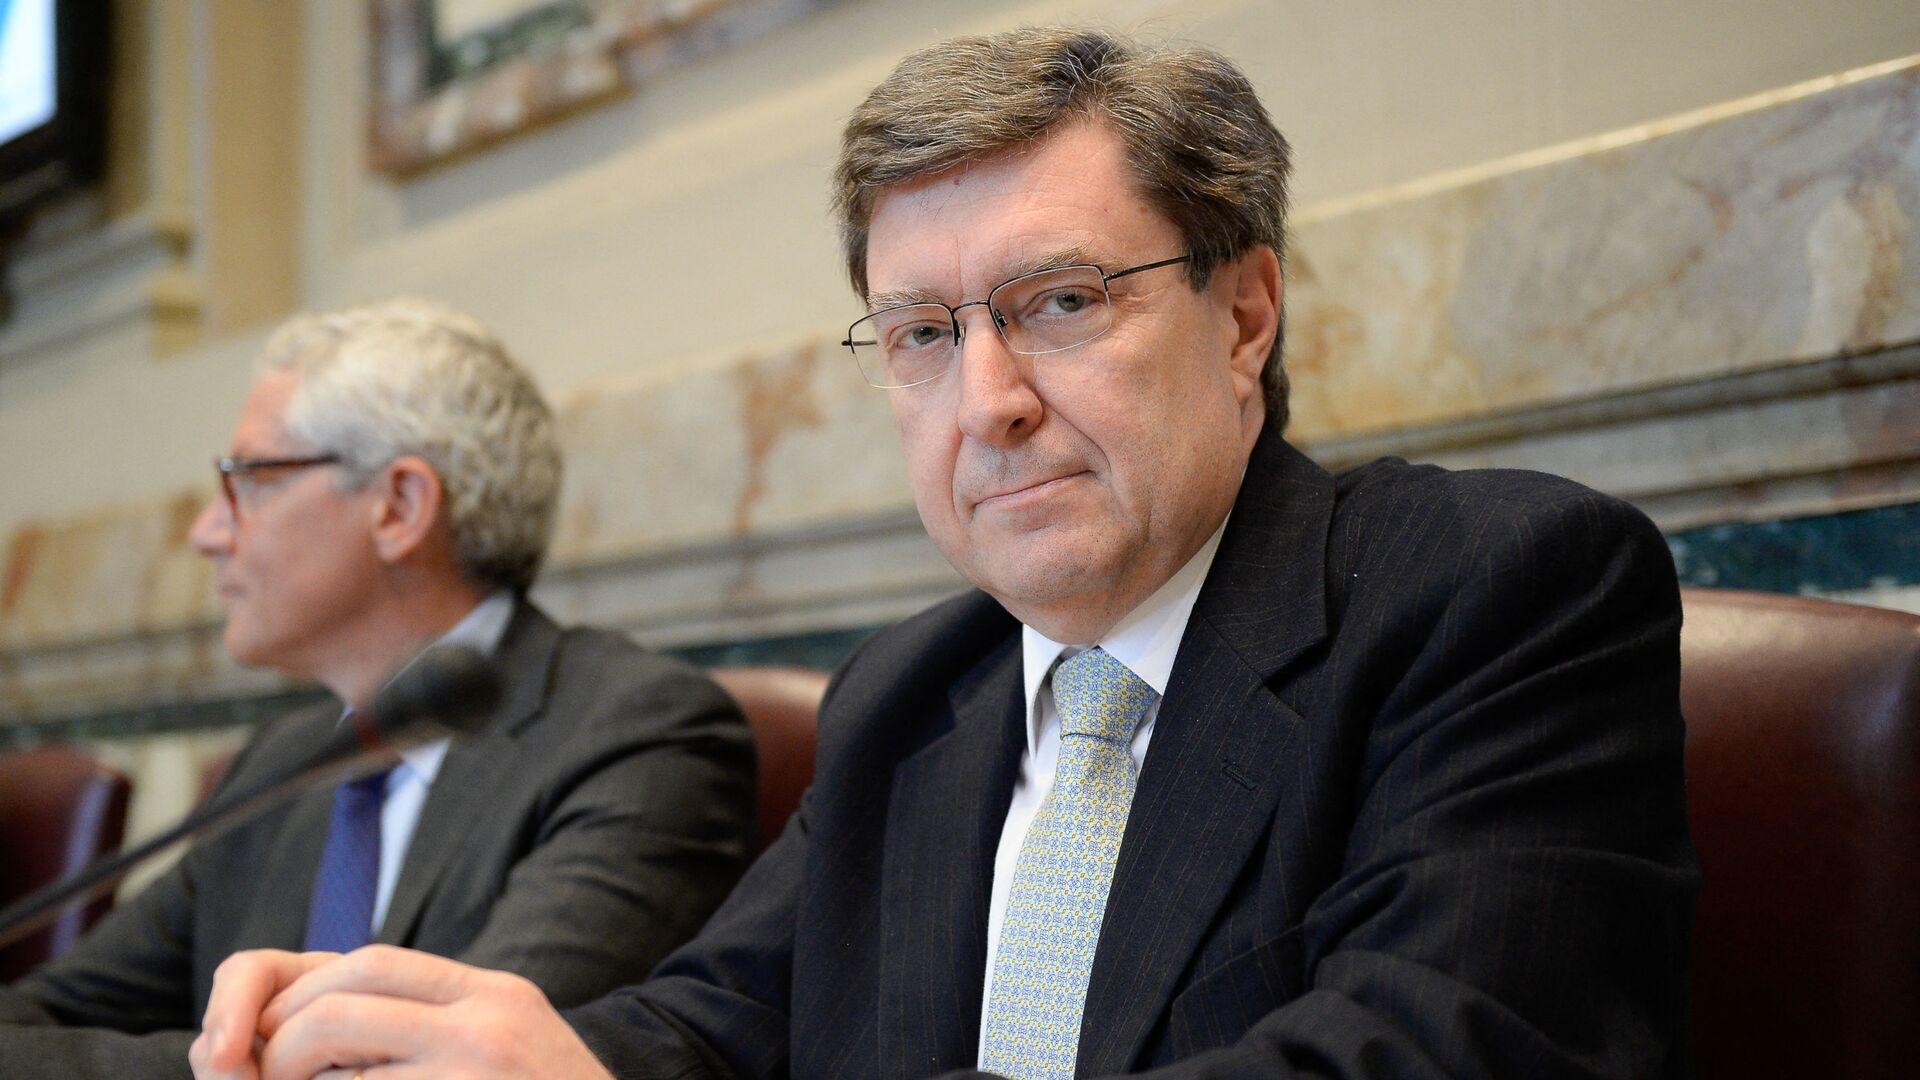 Enrico Giovannini, nuovo Ministro Infrastrutture e Trasporti - Sputnik Italia, 1920, 22.09.2021